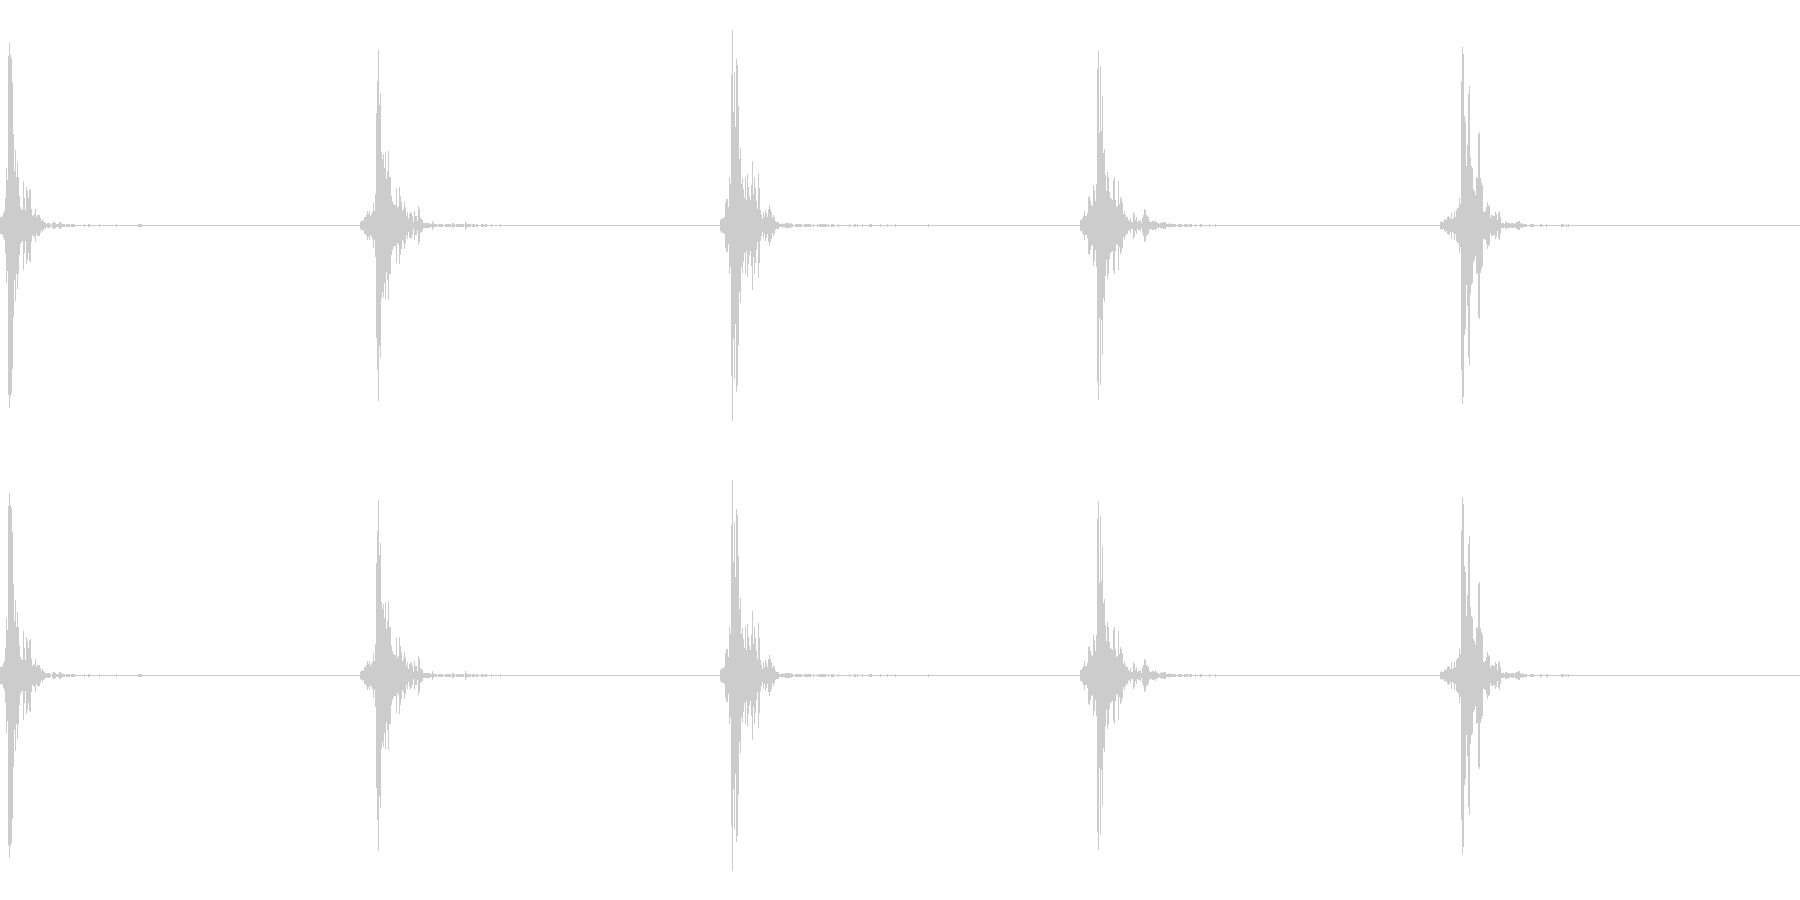 神楽鈴(小)を手に当てて鳴らした音の未再生の波形